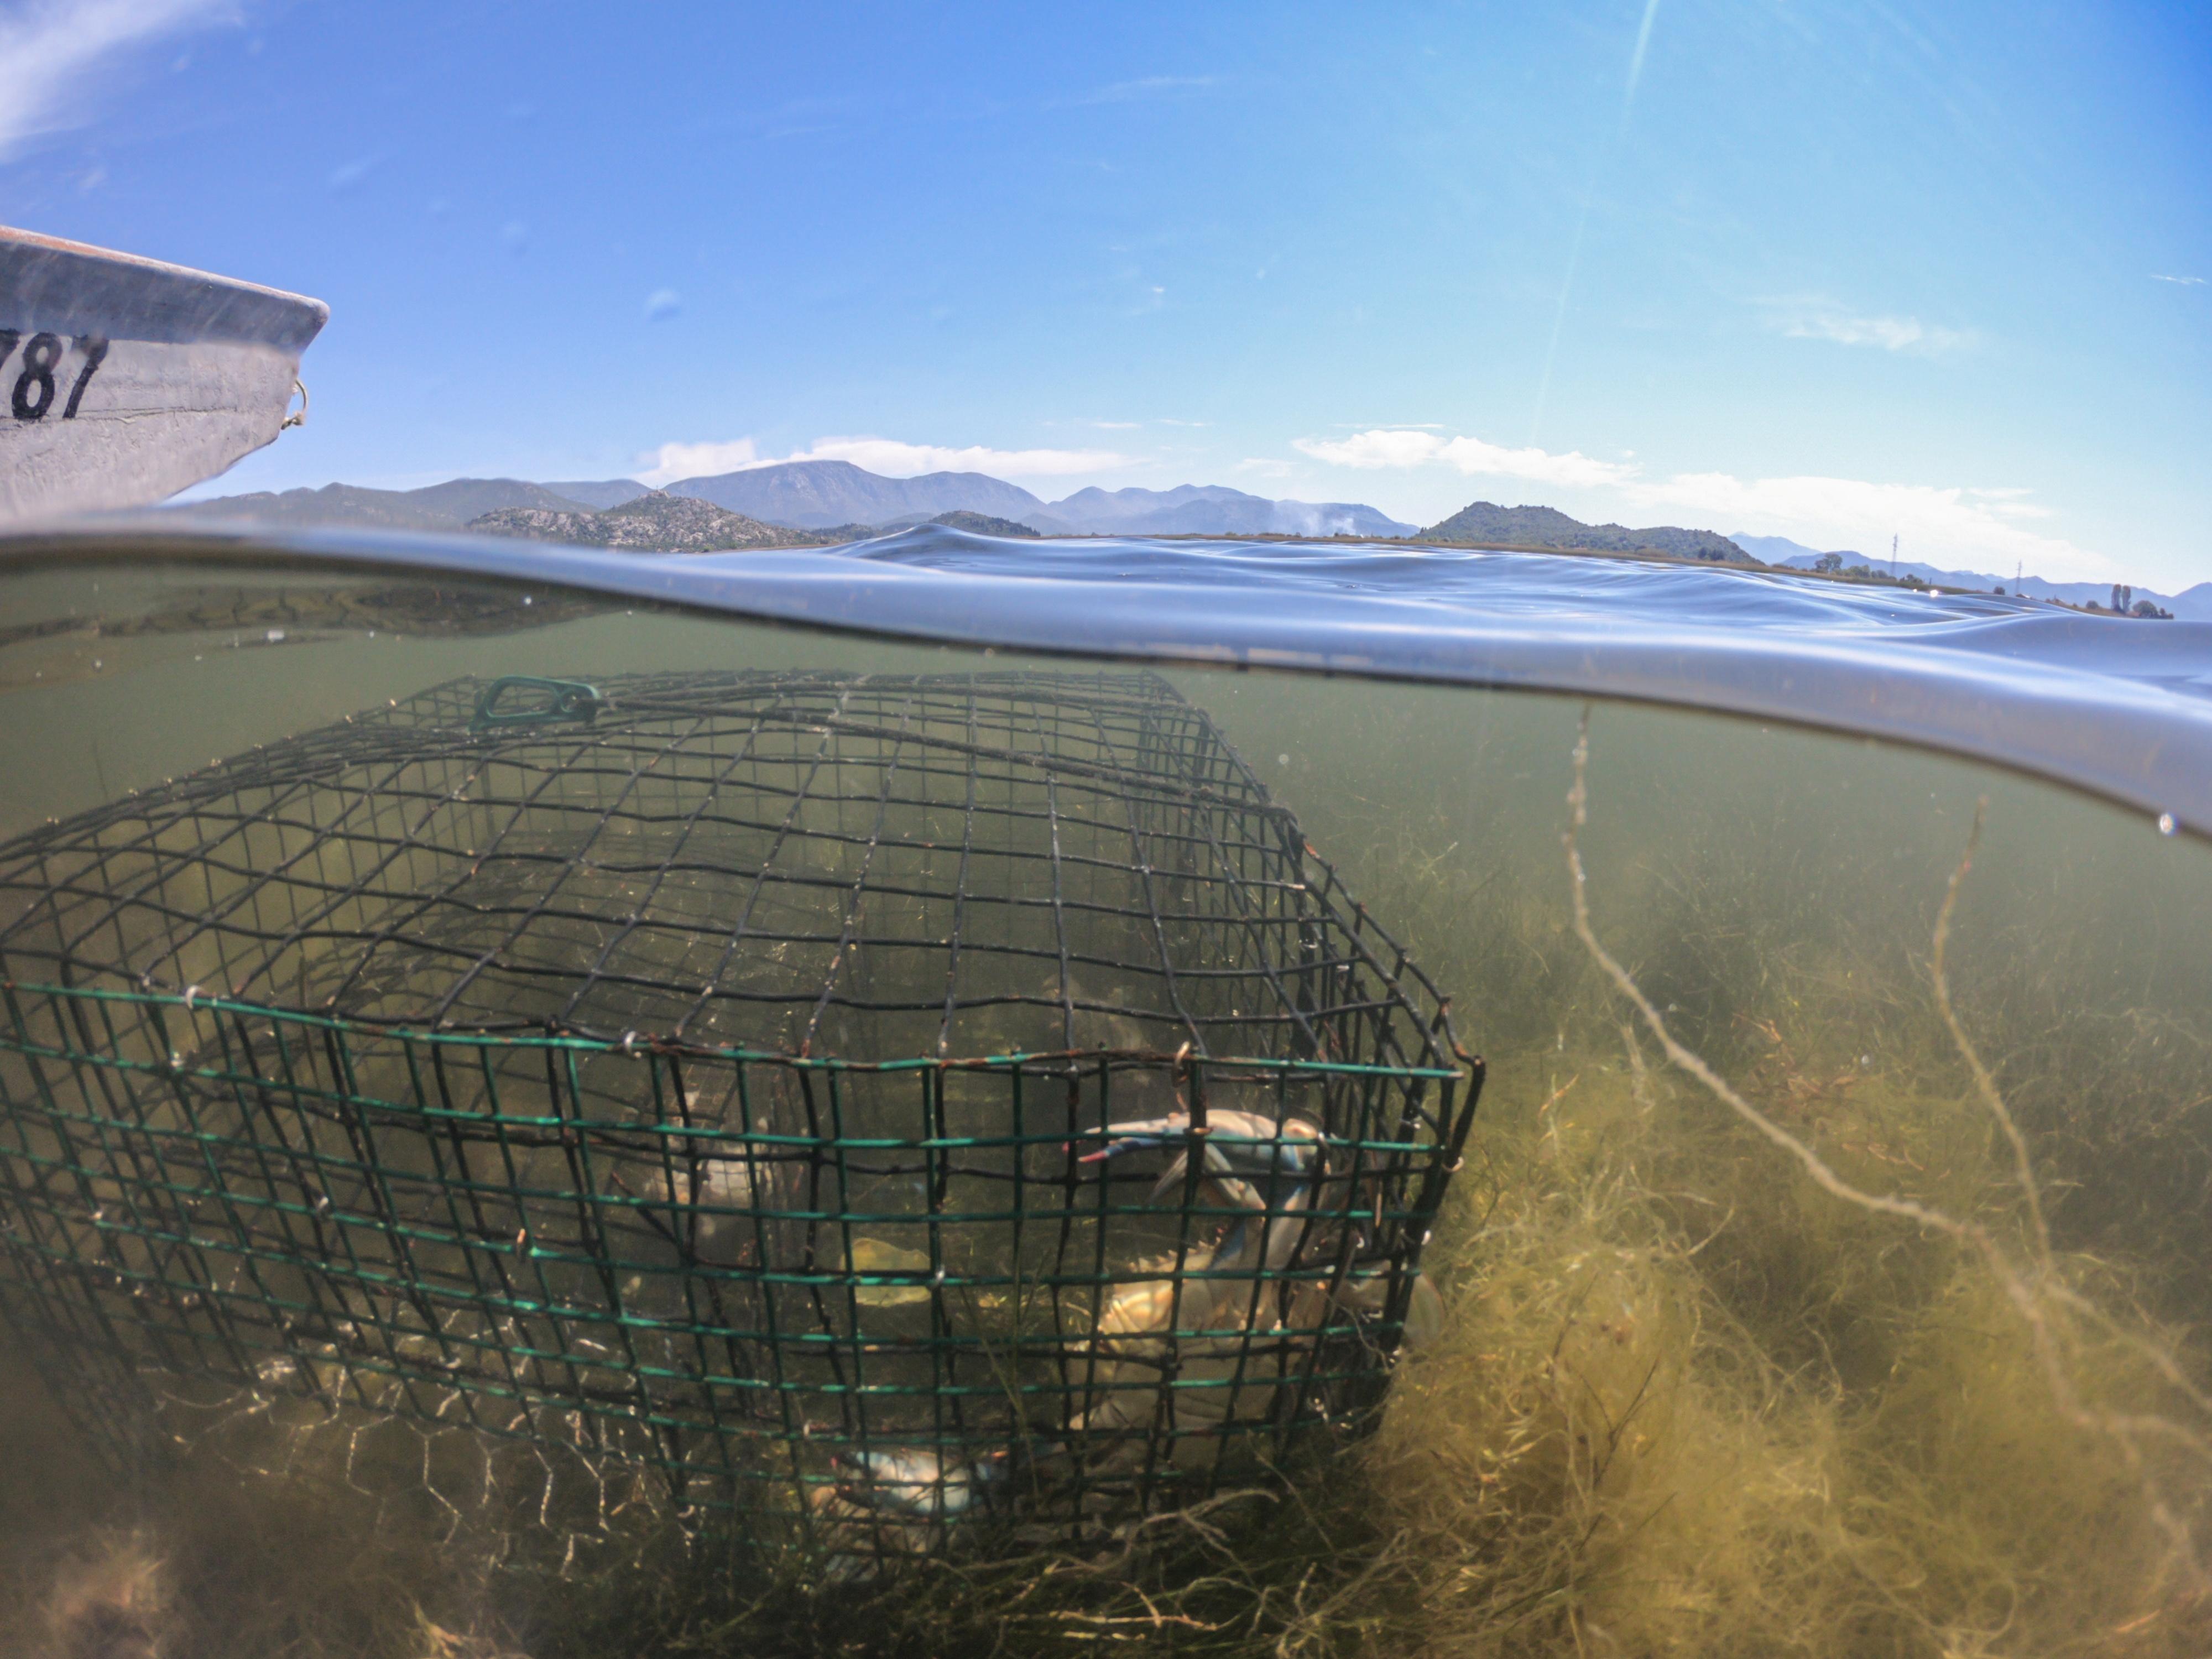 Caught blue crabs are seen in a trap in Adriatic Sea near Ploce, Croatia, May 11, 2021. REUTERS/Antonio Bronic